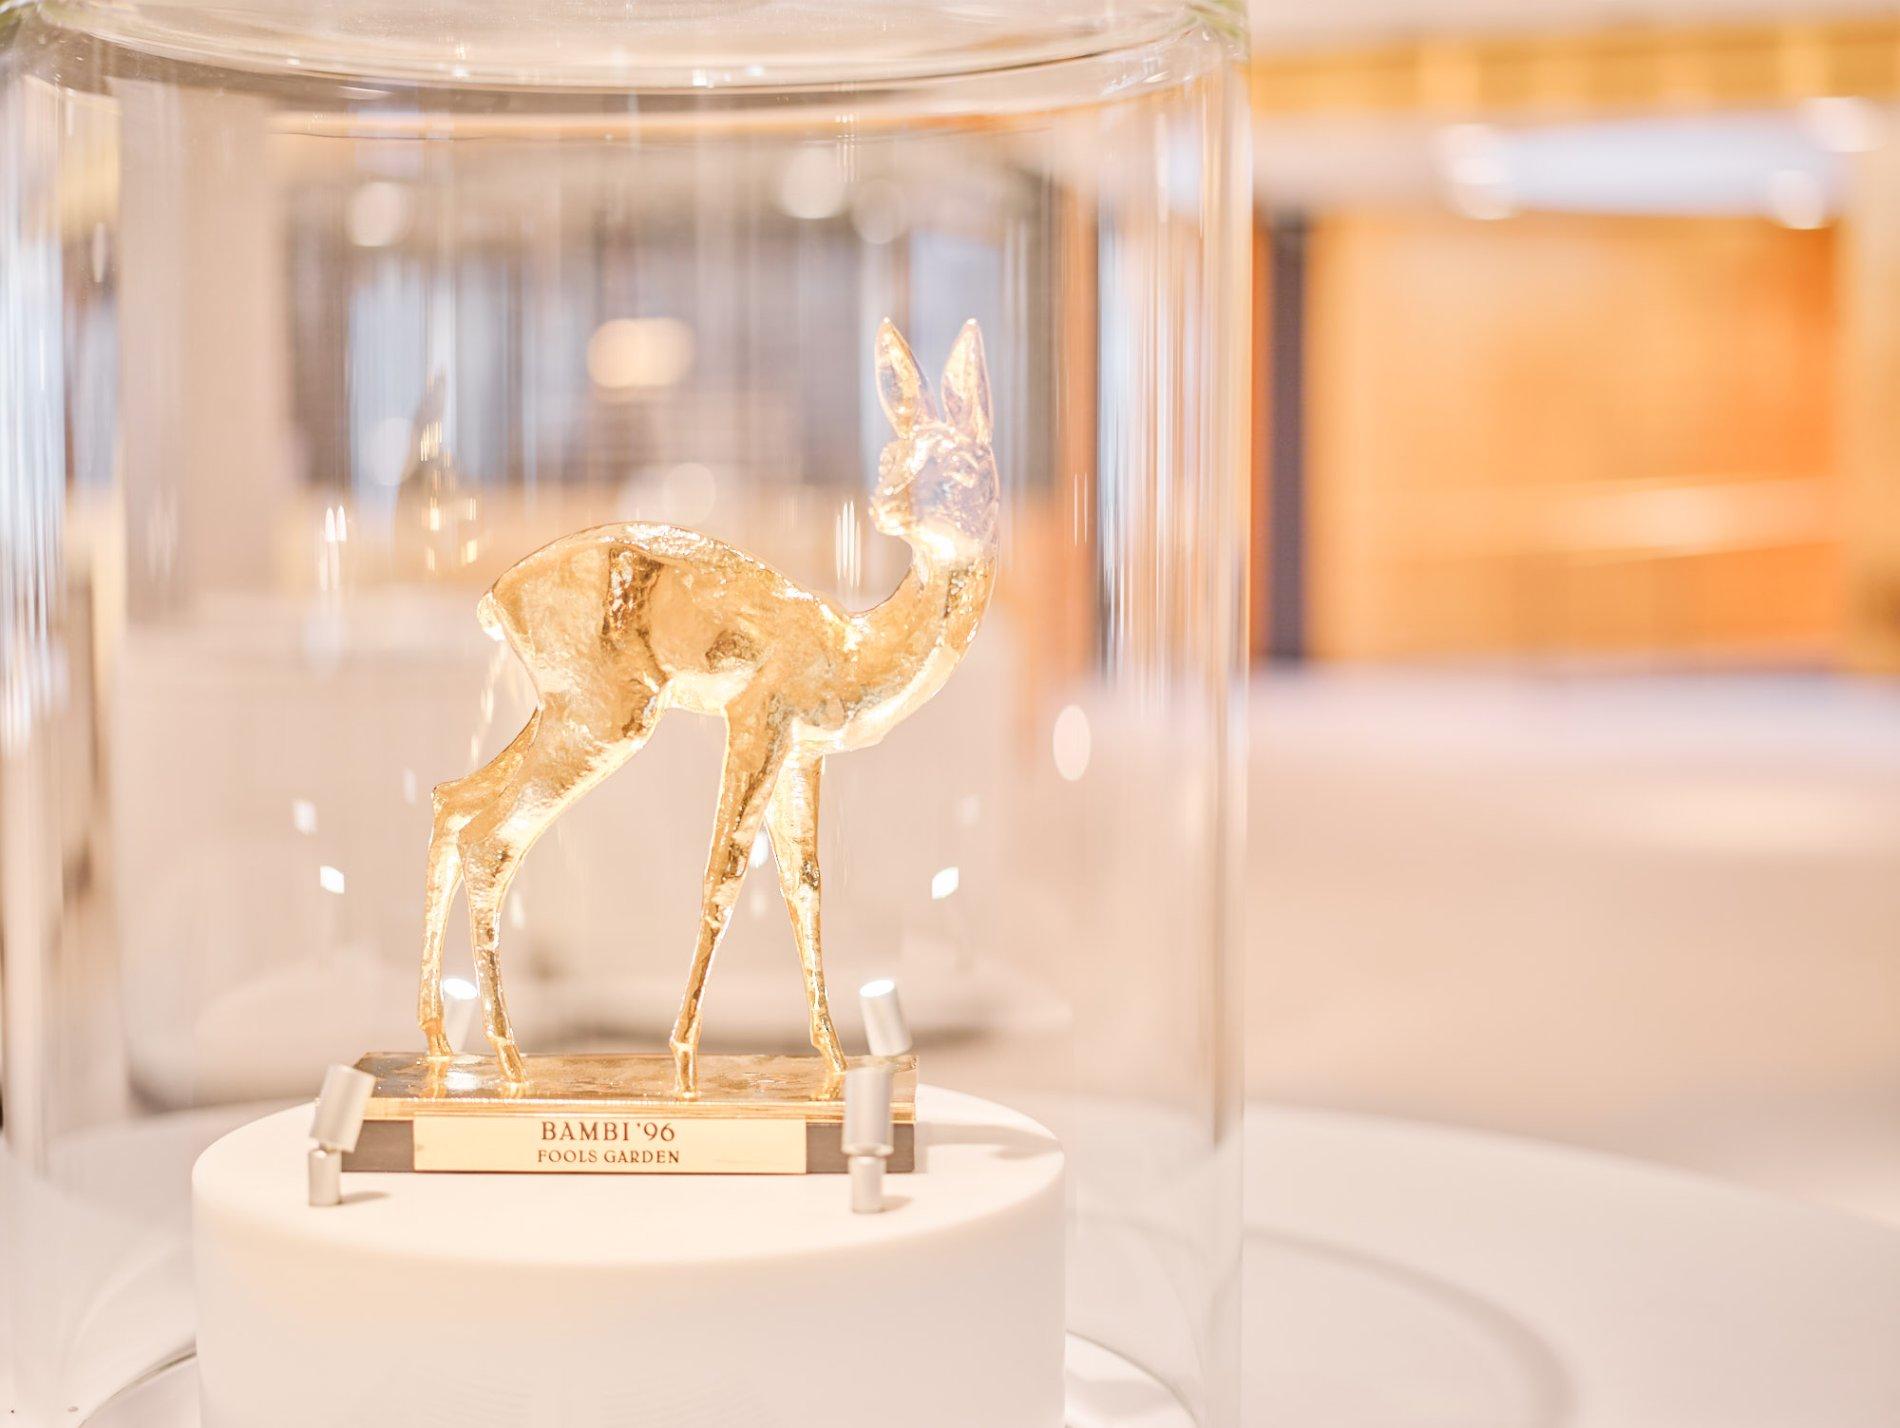 """Medienpreis BAMBI der Gruppe """"Fools Garden"""" in der Ausstellung Gold.Geld.Gesellschaft"""